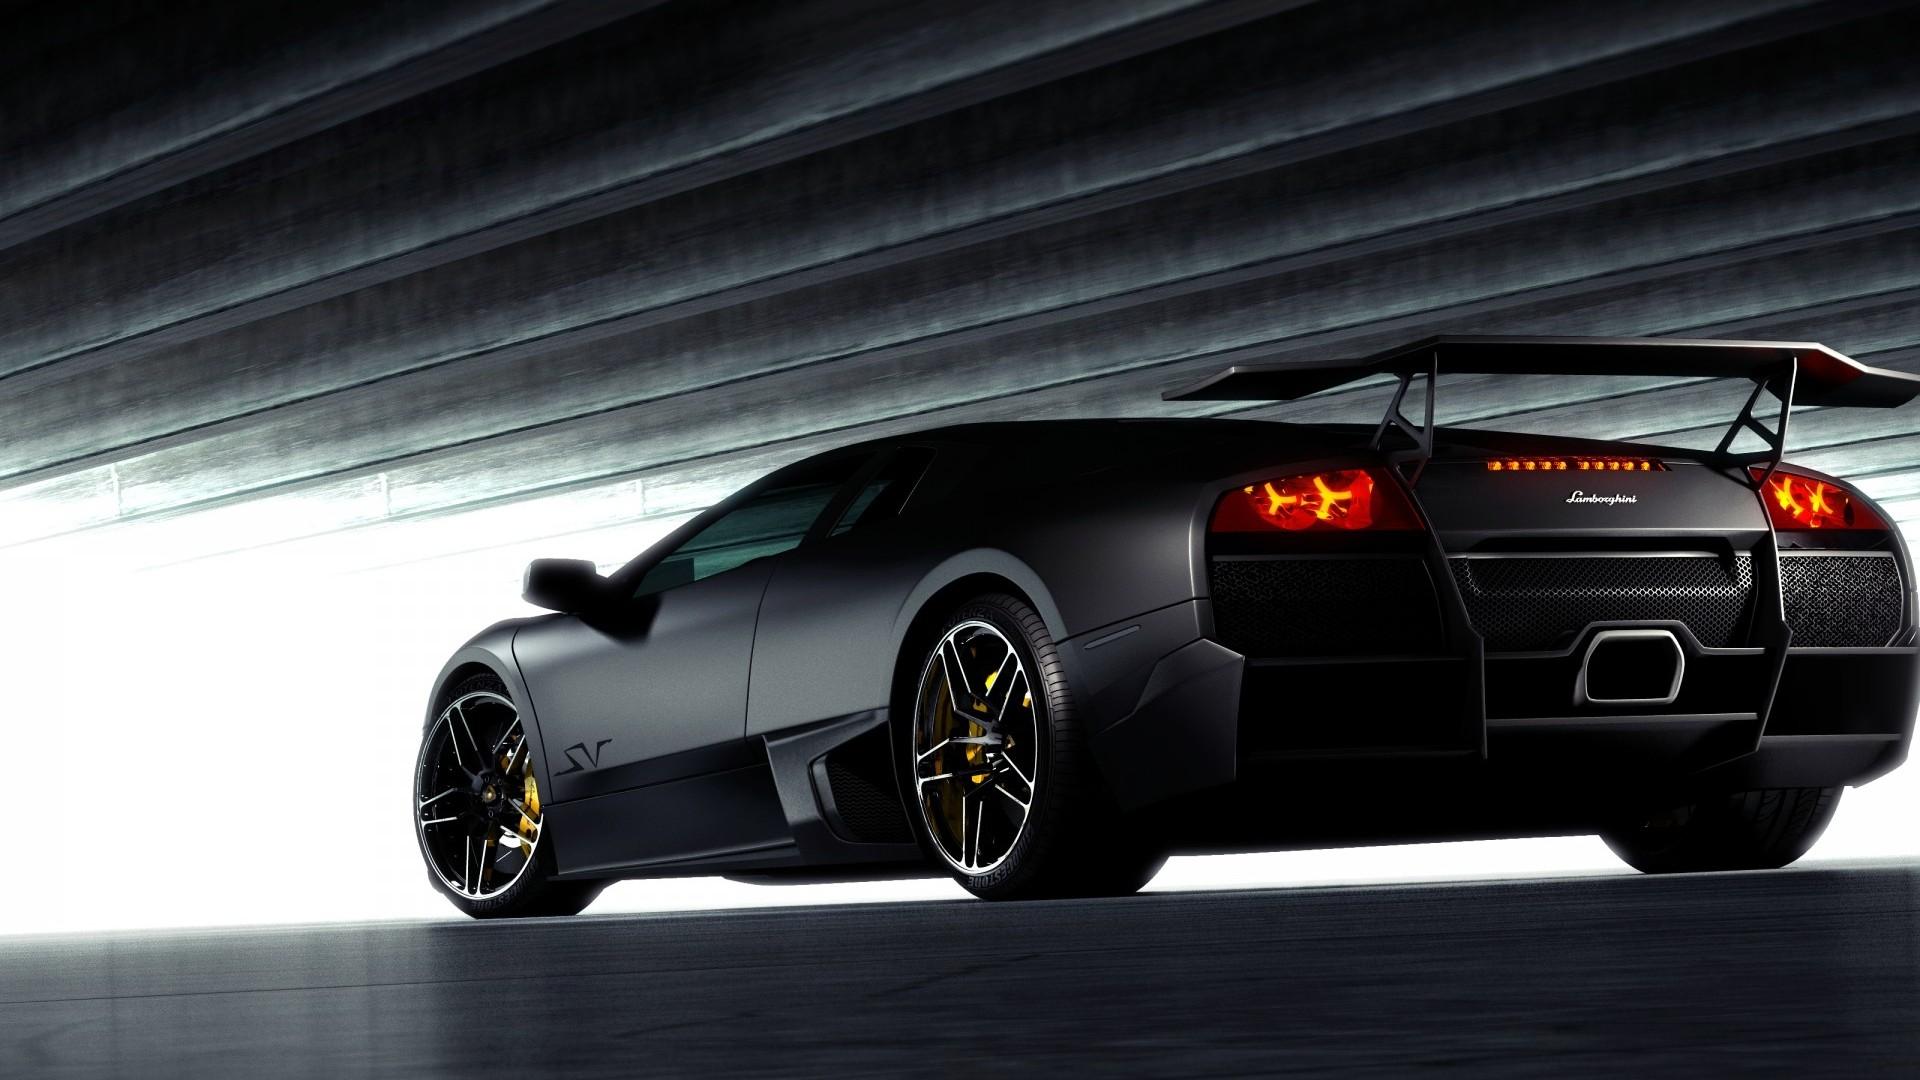 Black Lamborghini Back View Hd Wallpapers 1080p Cars Elite Cars Leasing